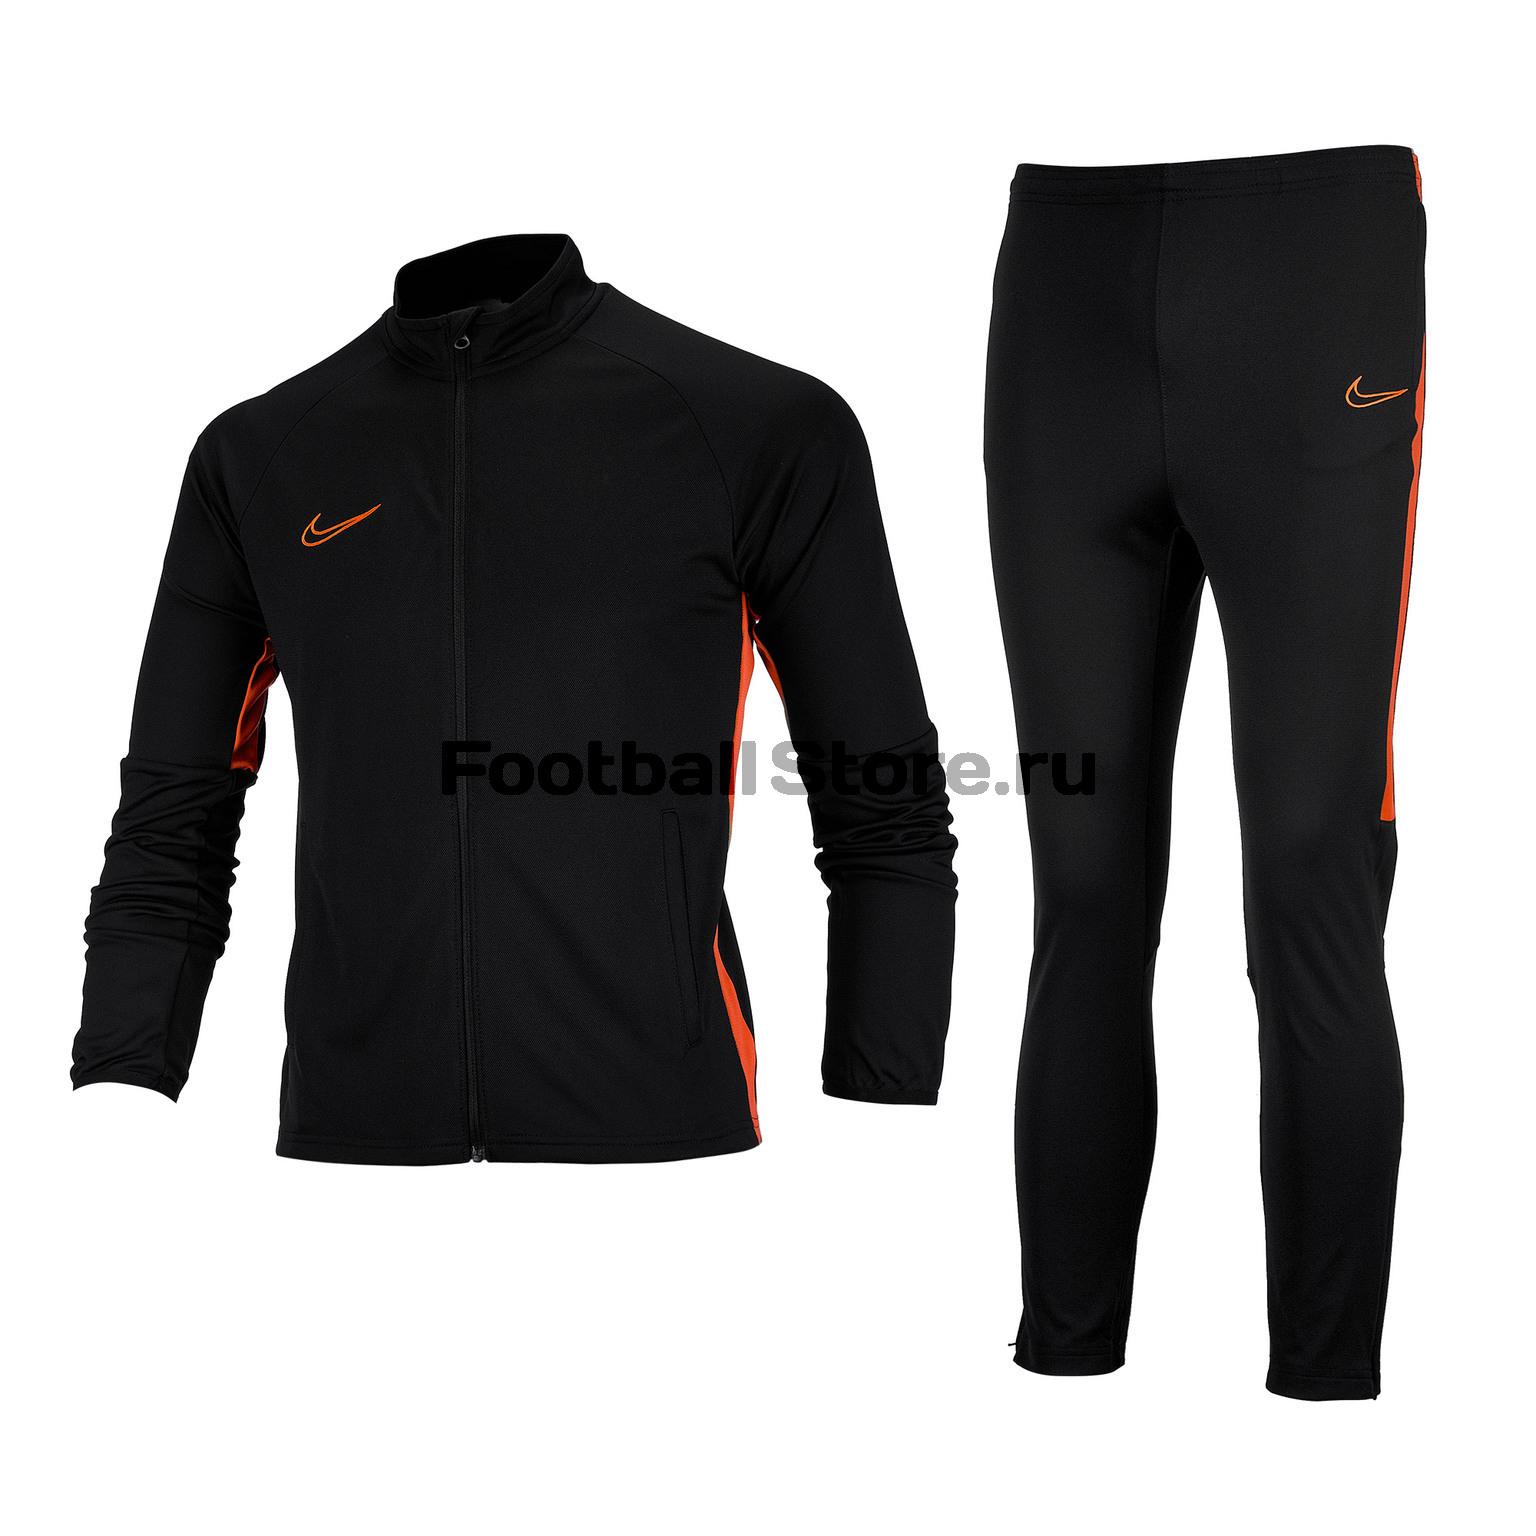 Костюм спортивный подростковый Nike Dry Academy AO0794-013 женские куртки